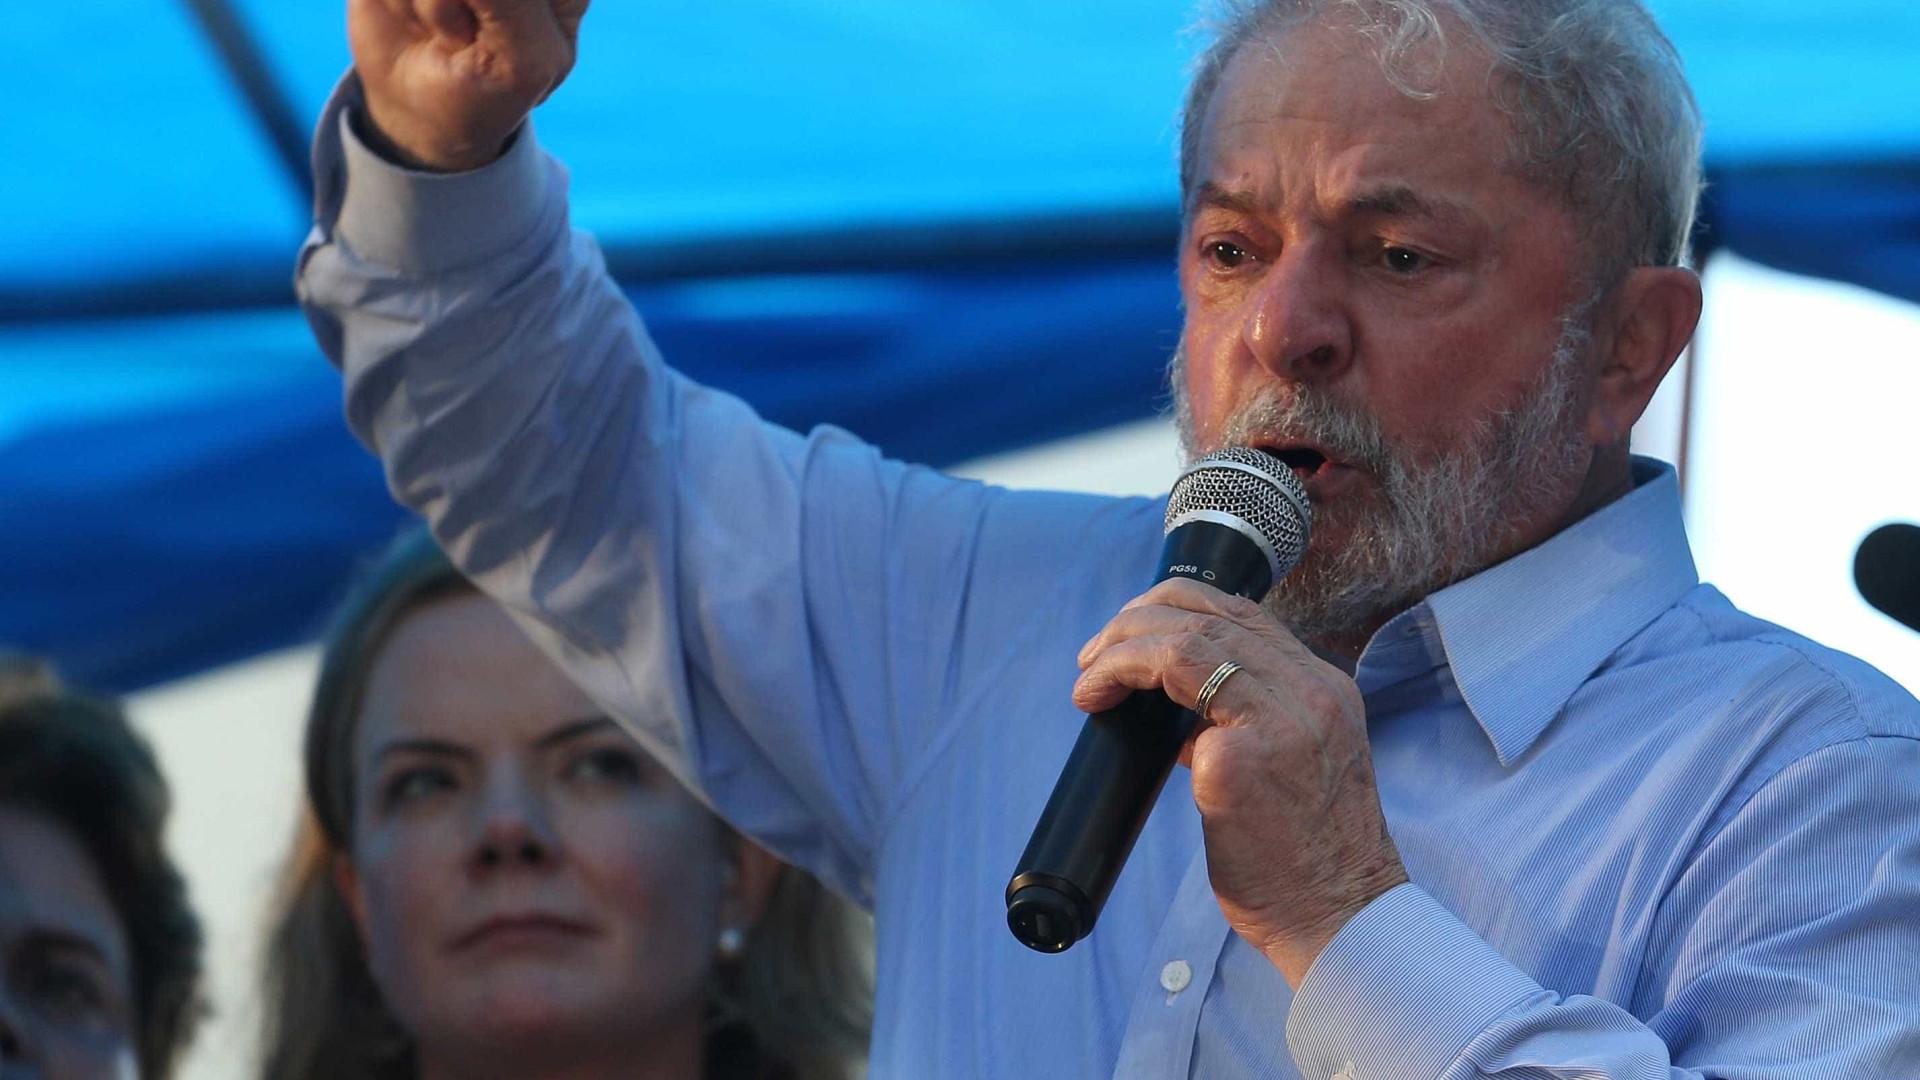 Pesquisa: 53% dos entrevistados acham que Lula deve ser preso